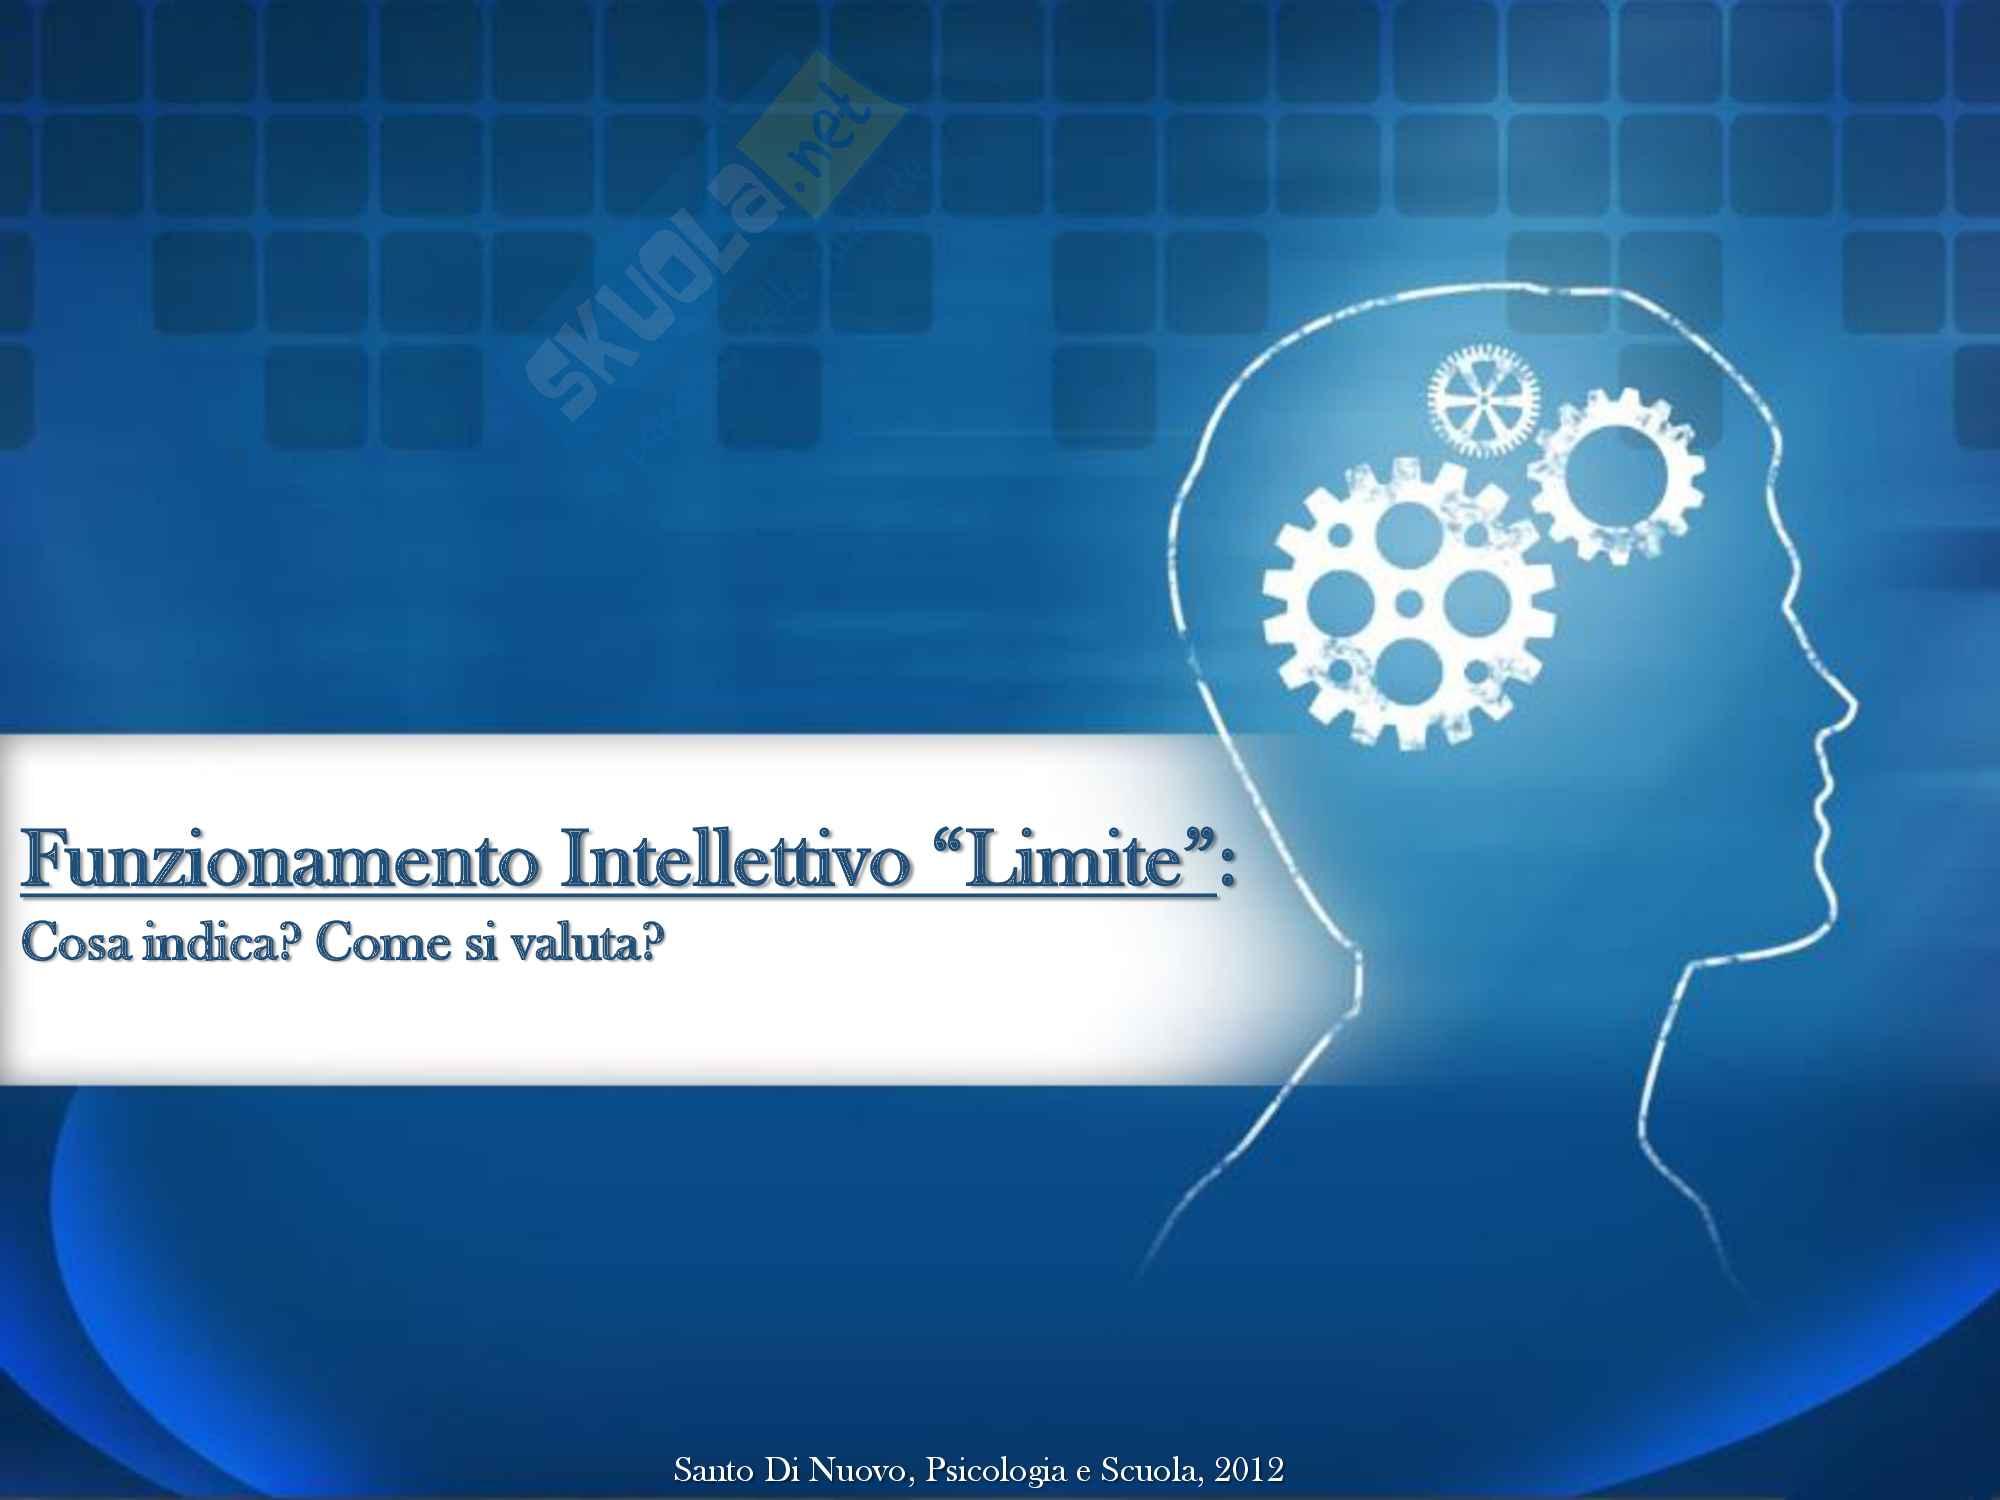 Presentazione power point sul Funzionamento intellettivo limite per il laboratorio della prof.ssa Orsolini